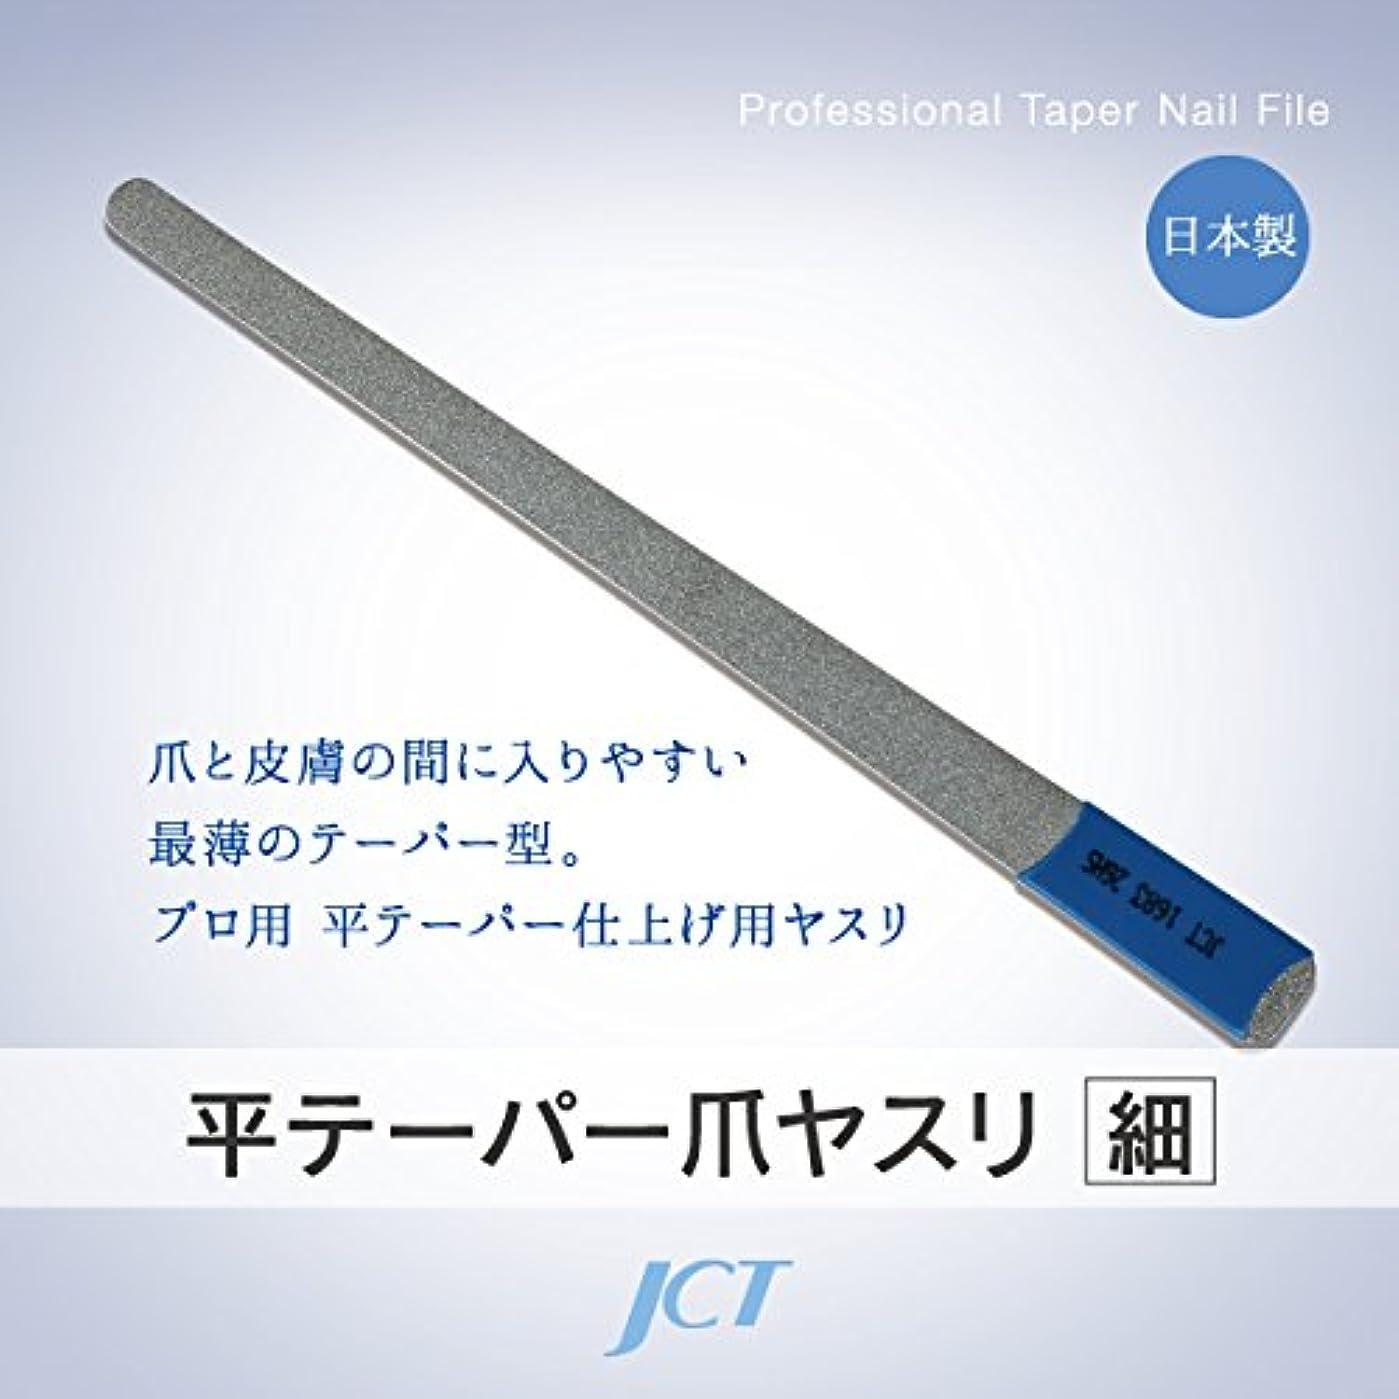 アームストロング意気込み時計回りJCT メディカル フットケア ネイルケア ダイヤモンド平テーパー爪ヤスリ(細) 滅菌可 日本製 1年間保証付